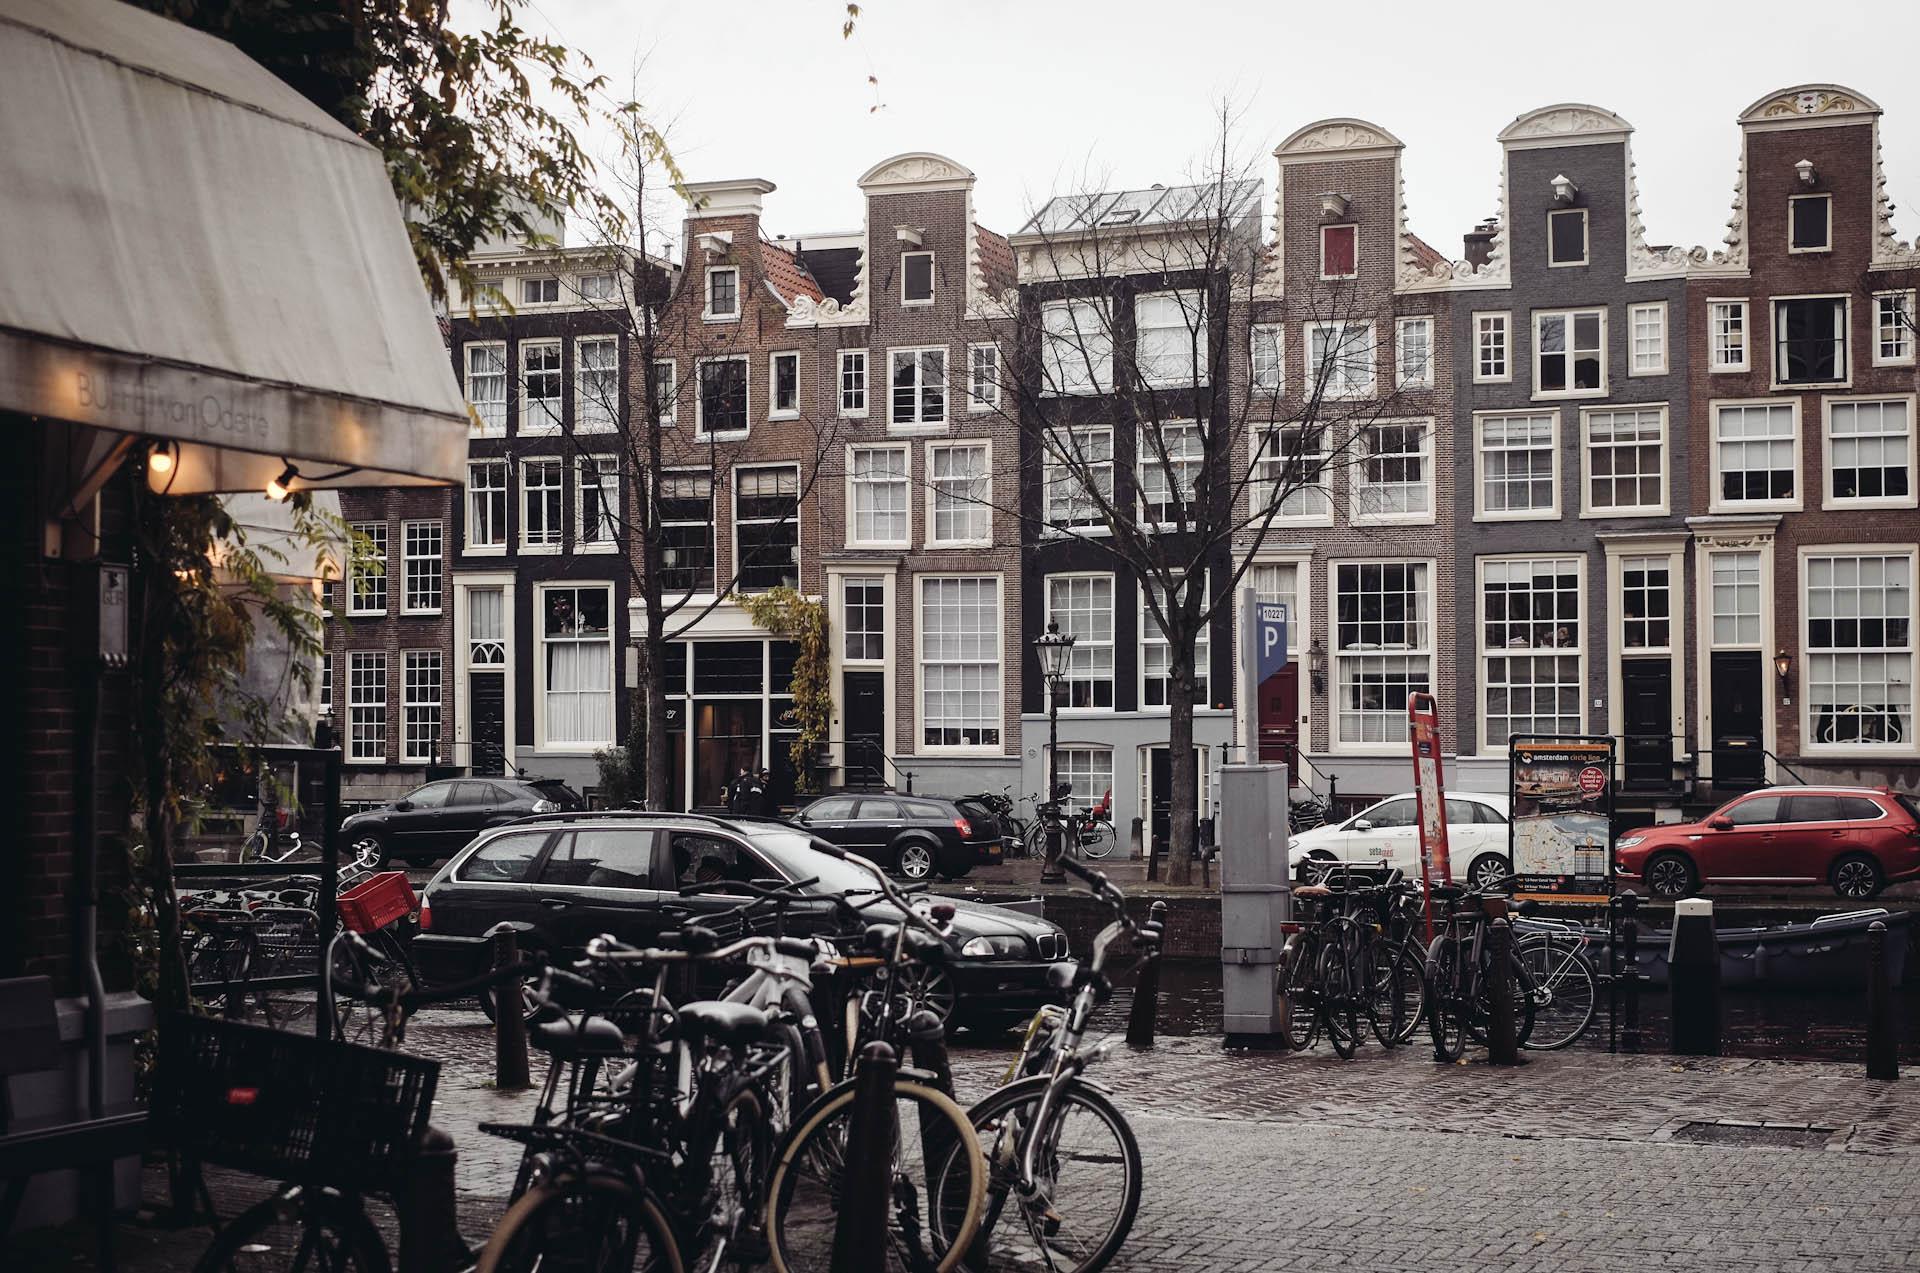 Amsterdam, Spiegelgracht